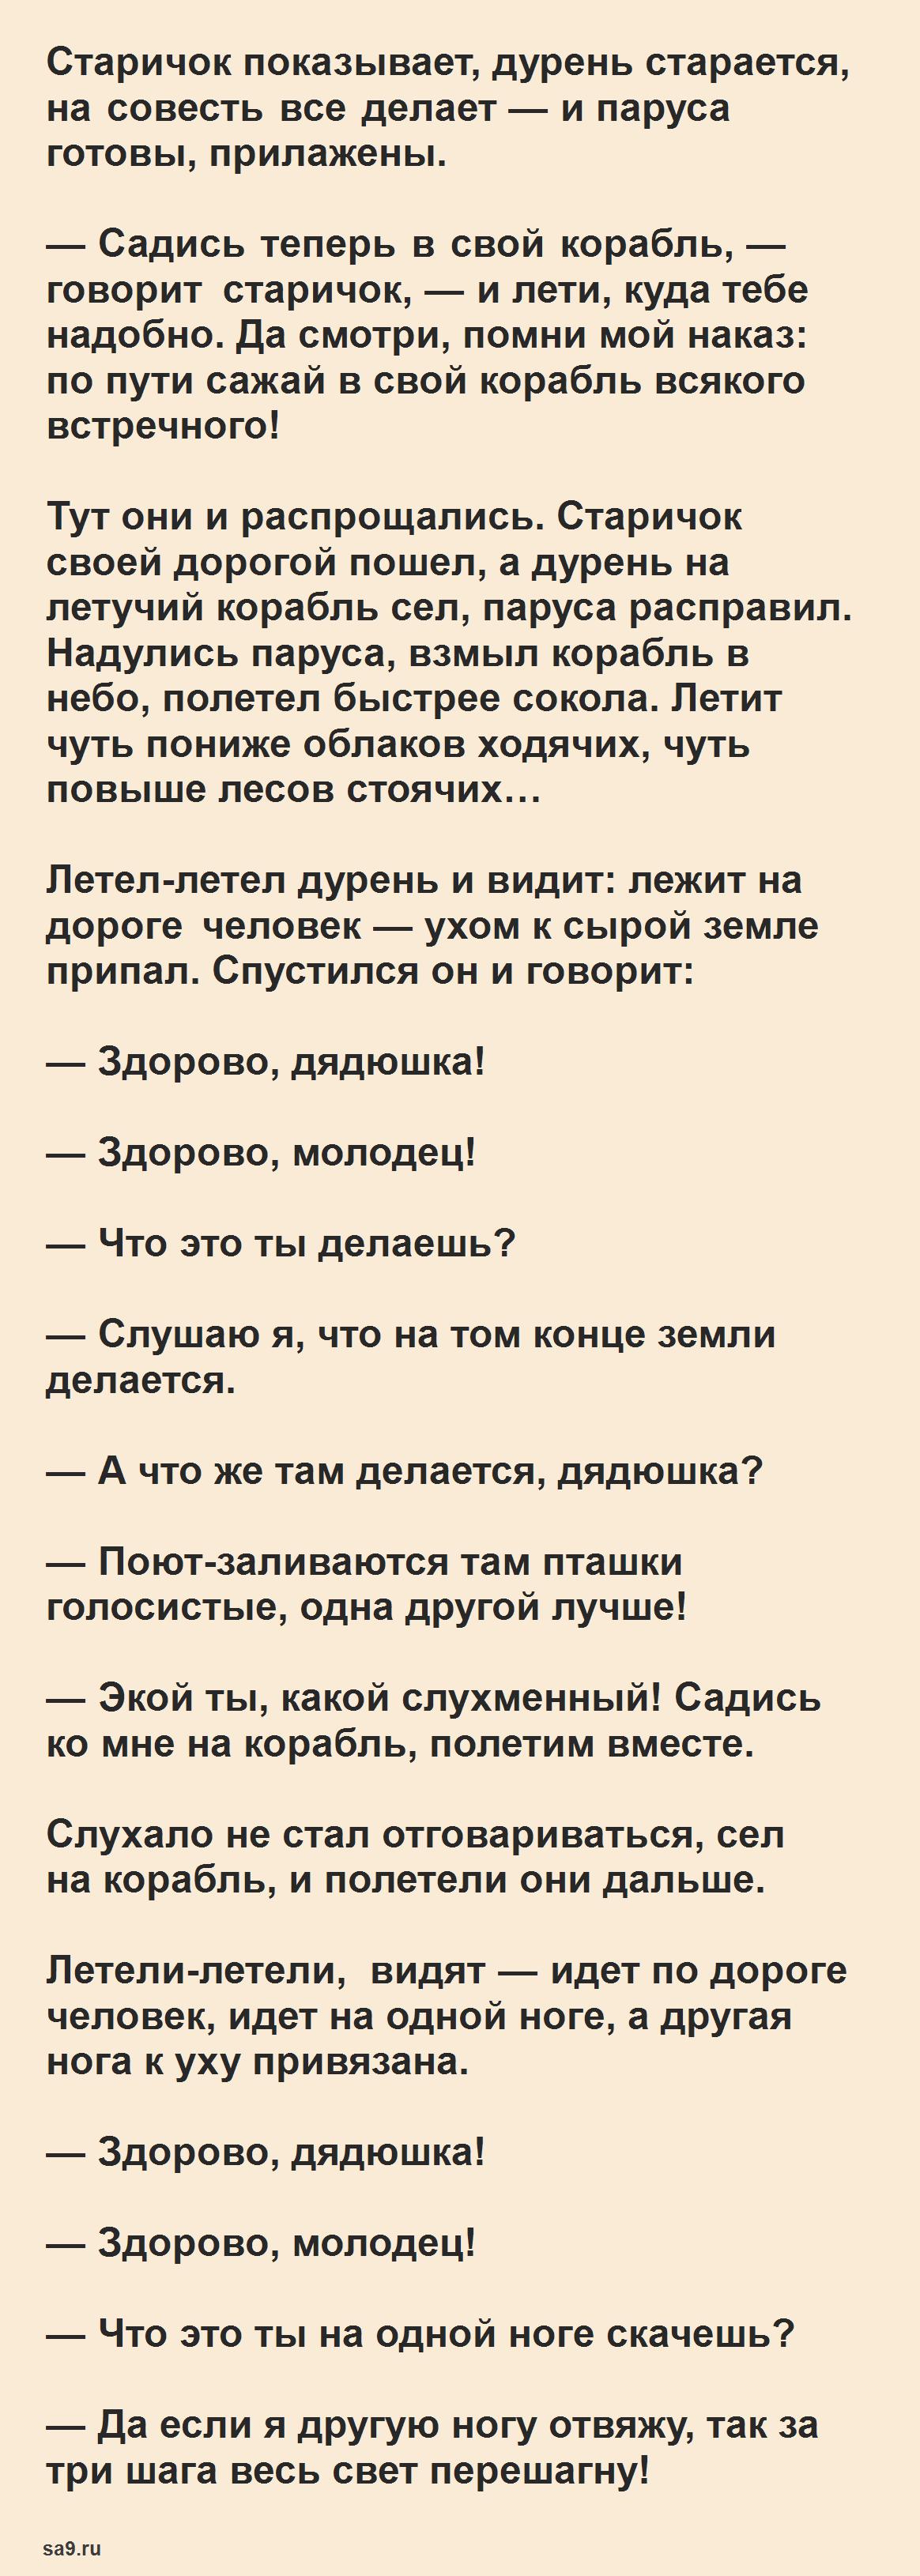 Читать русскую народную сказку - Летучий корабль, для детей